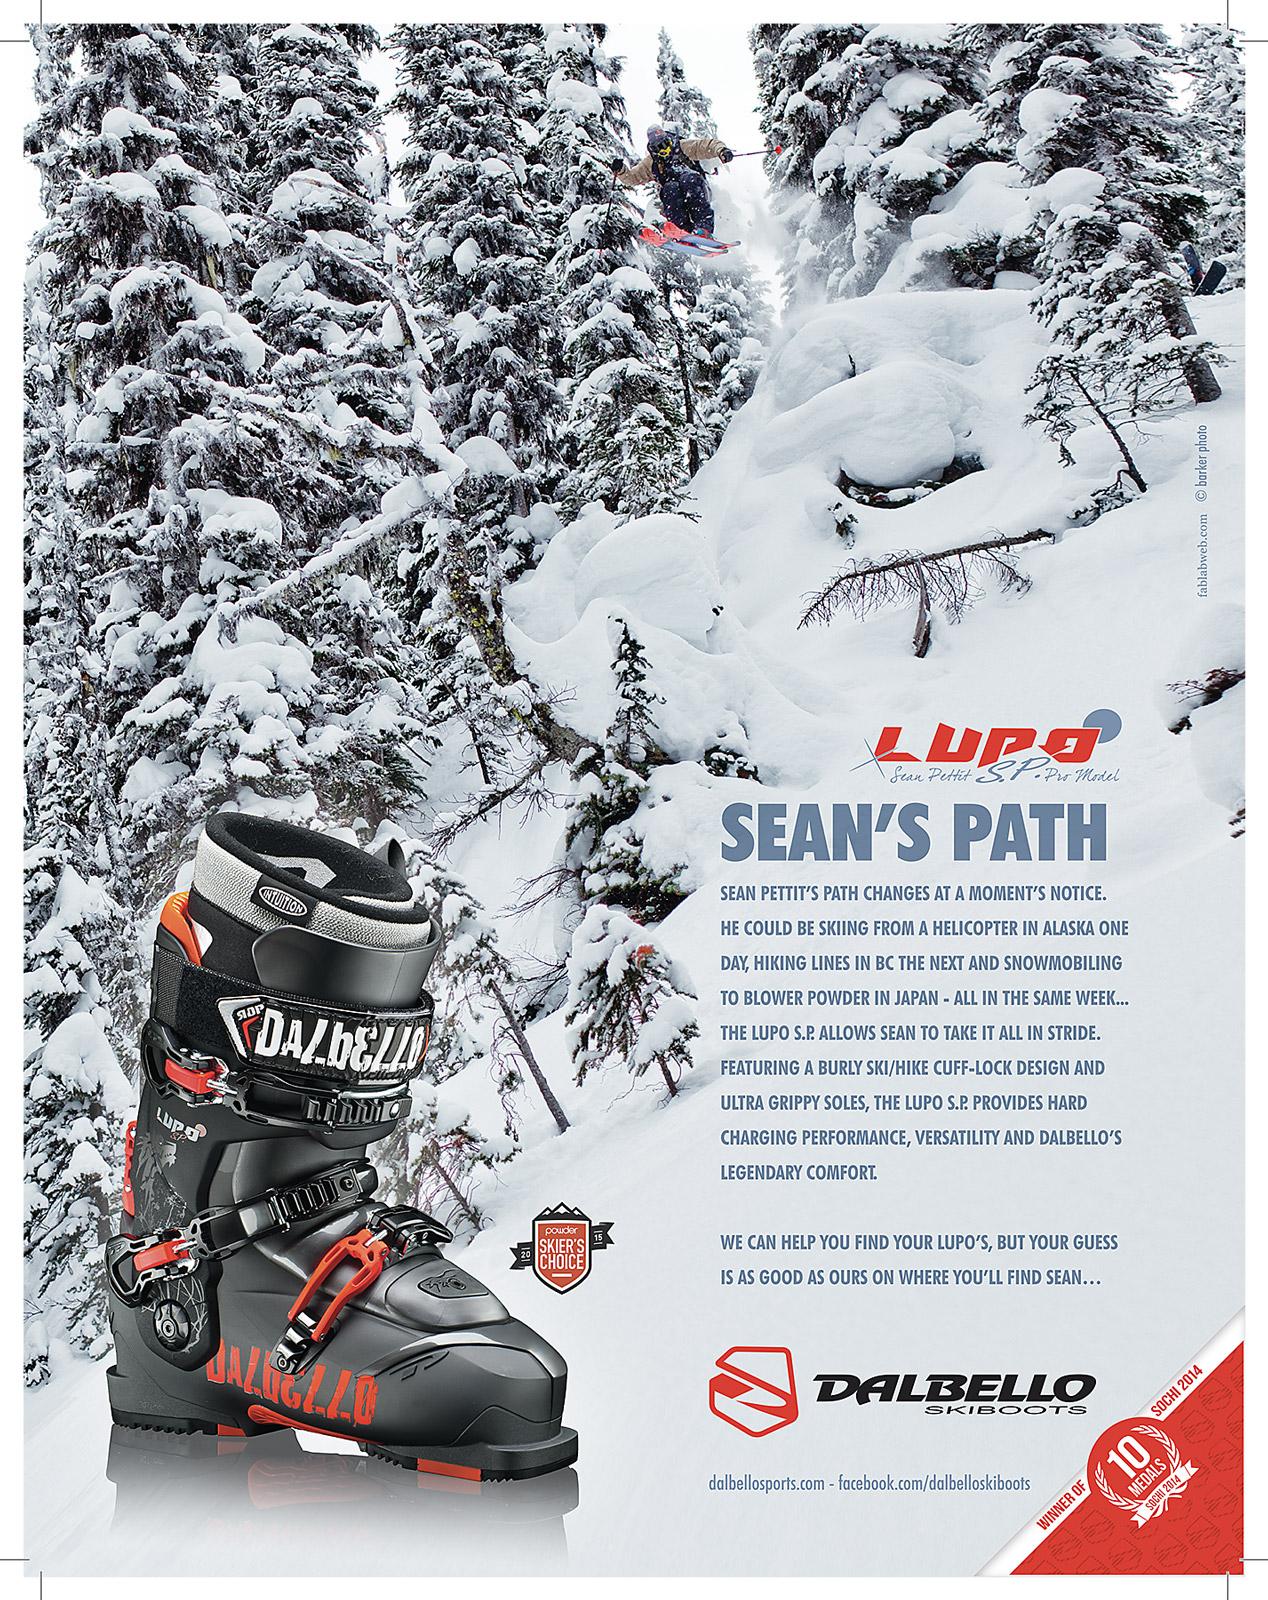 LUPO_skiing